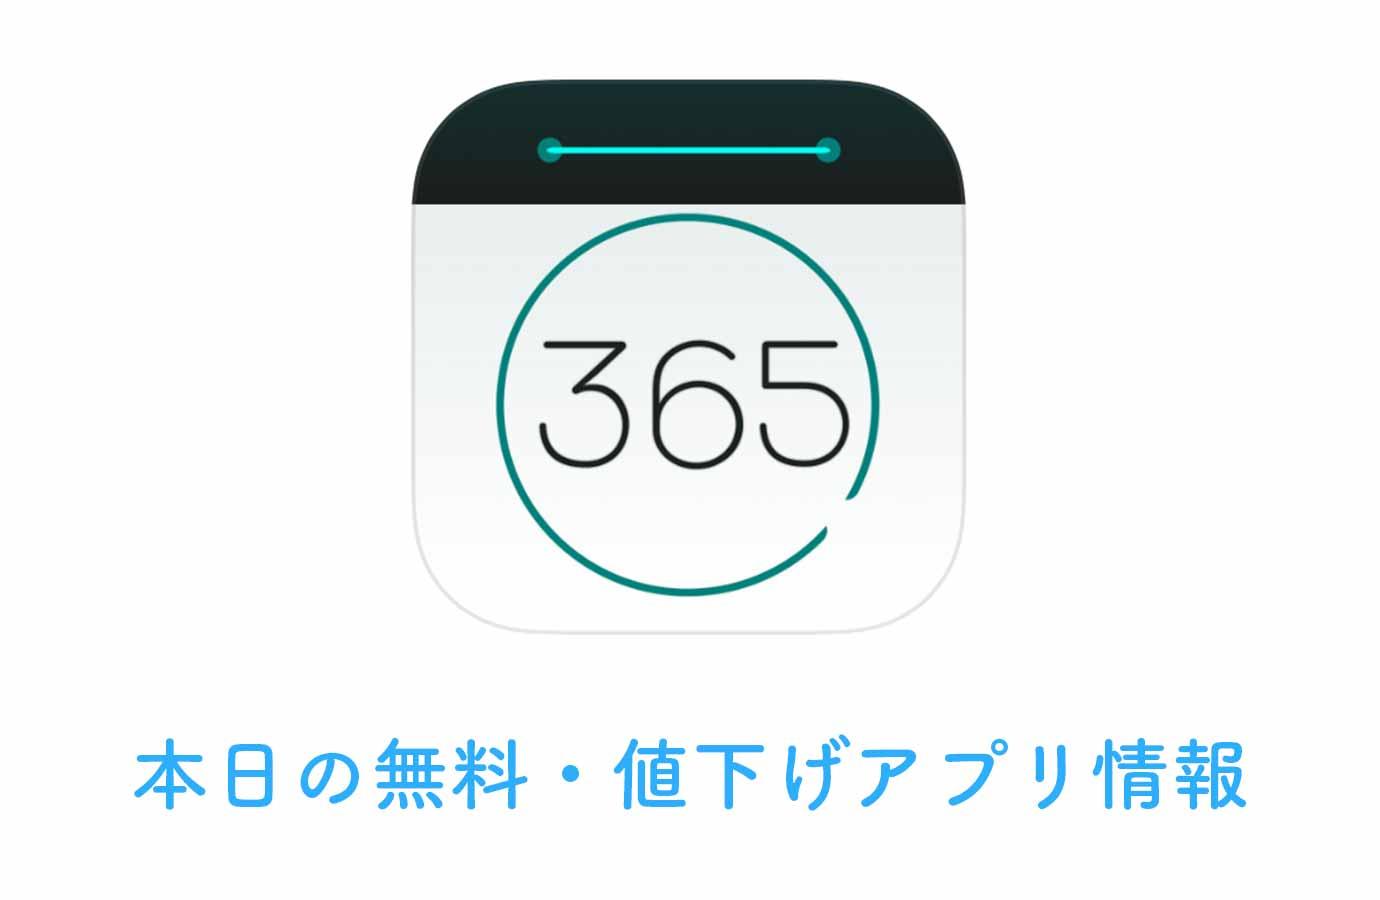 240円→無料、大切な日をカウントダウンしてくれる「OneDay」など【4/13】本日の無料・値下げアプリ情報